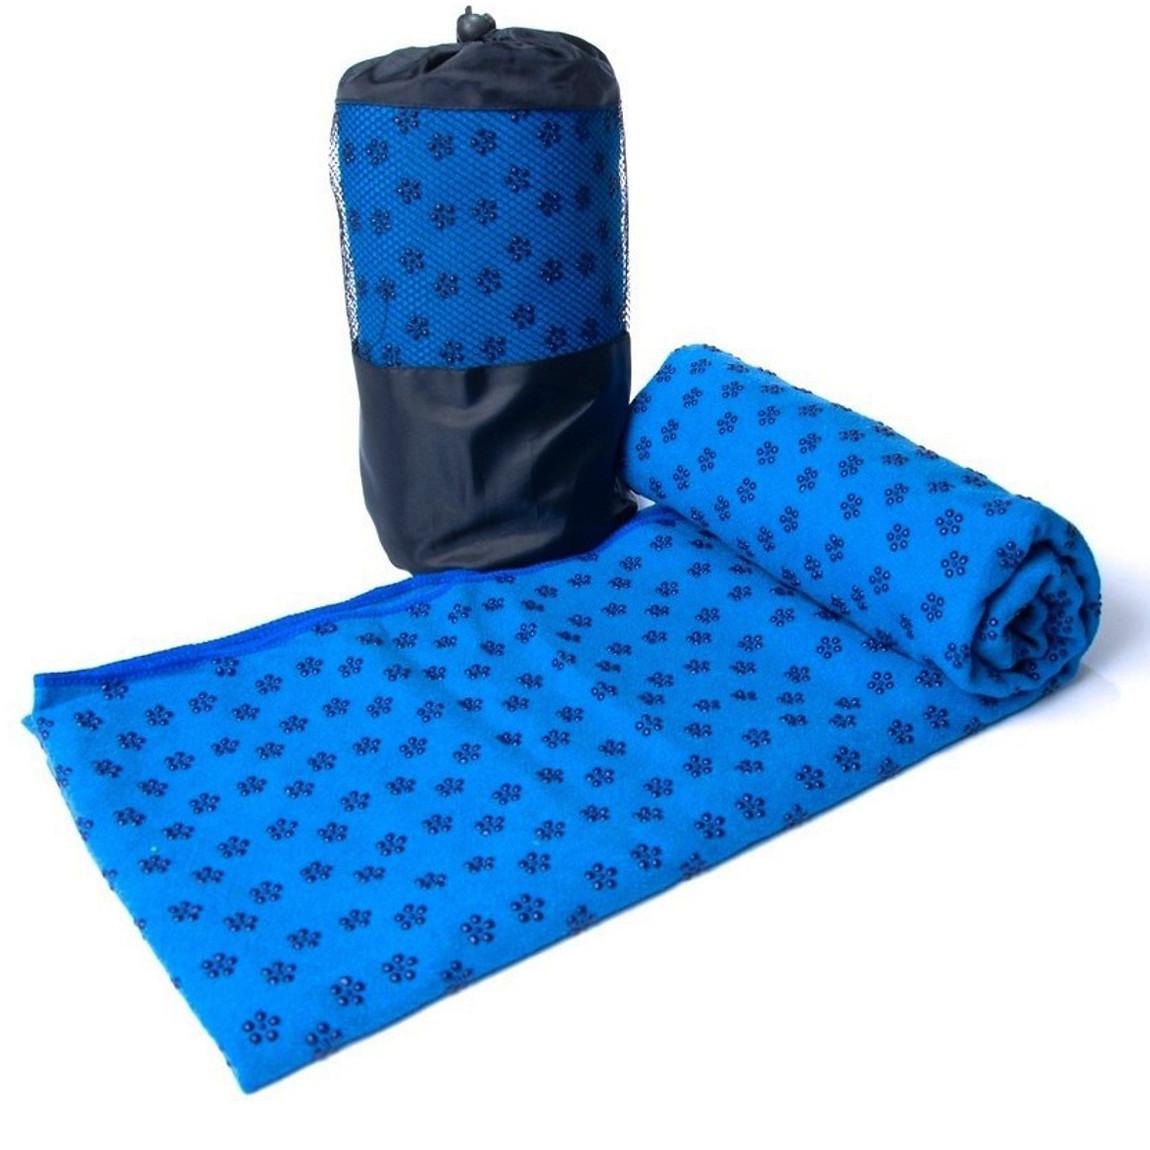 Khăn Trải Thảm Tập Yoga Phủ Hạt Silicon miDoctor + Túi Đựng Khăn Trải Thảm Tập Yoga